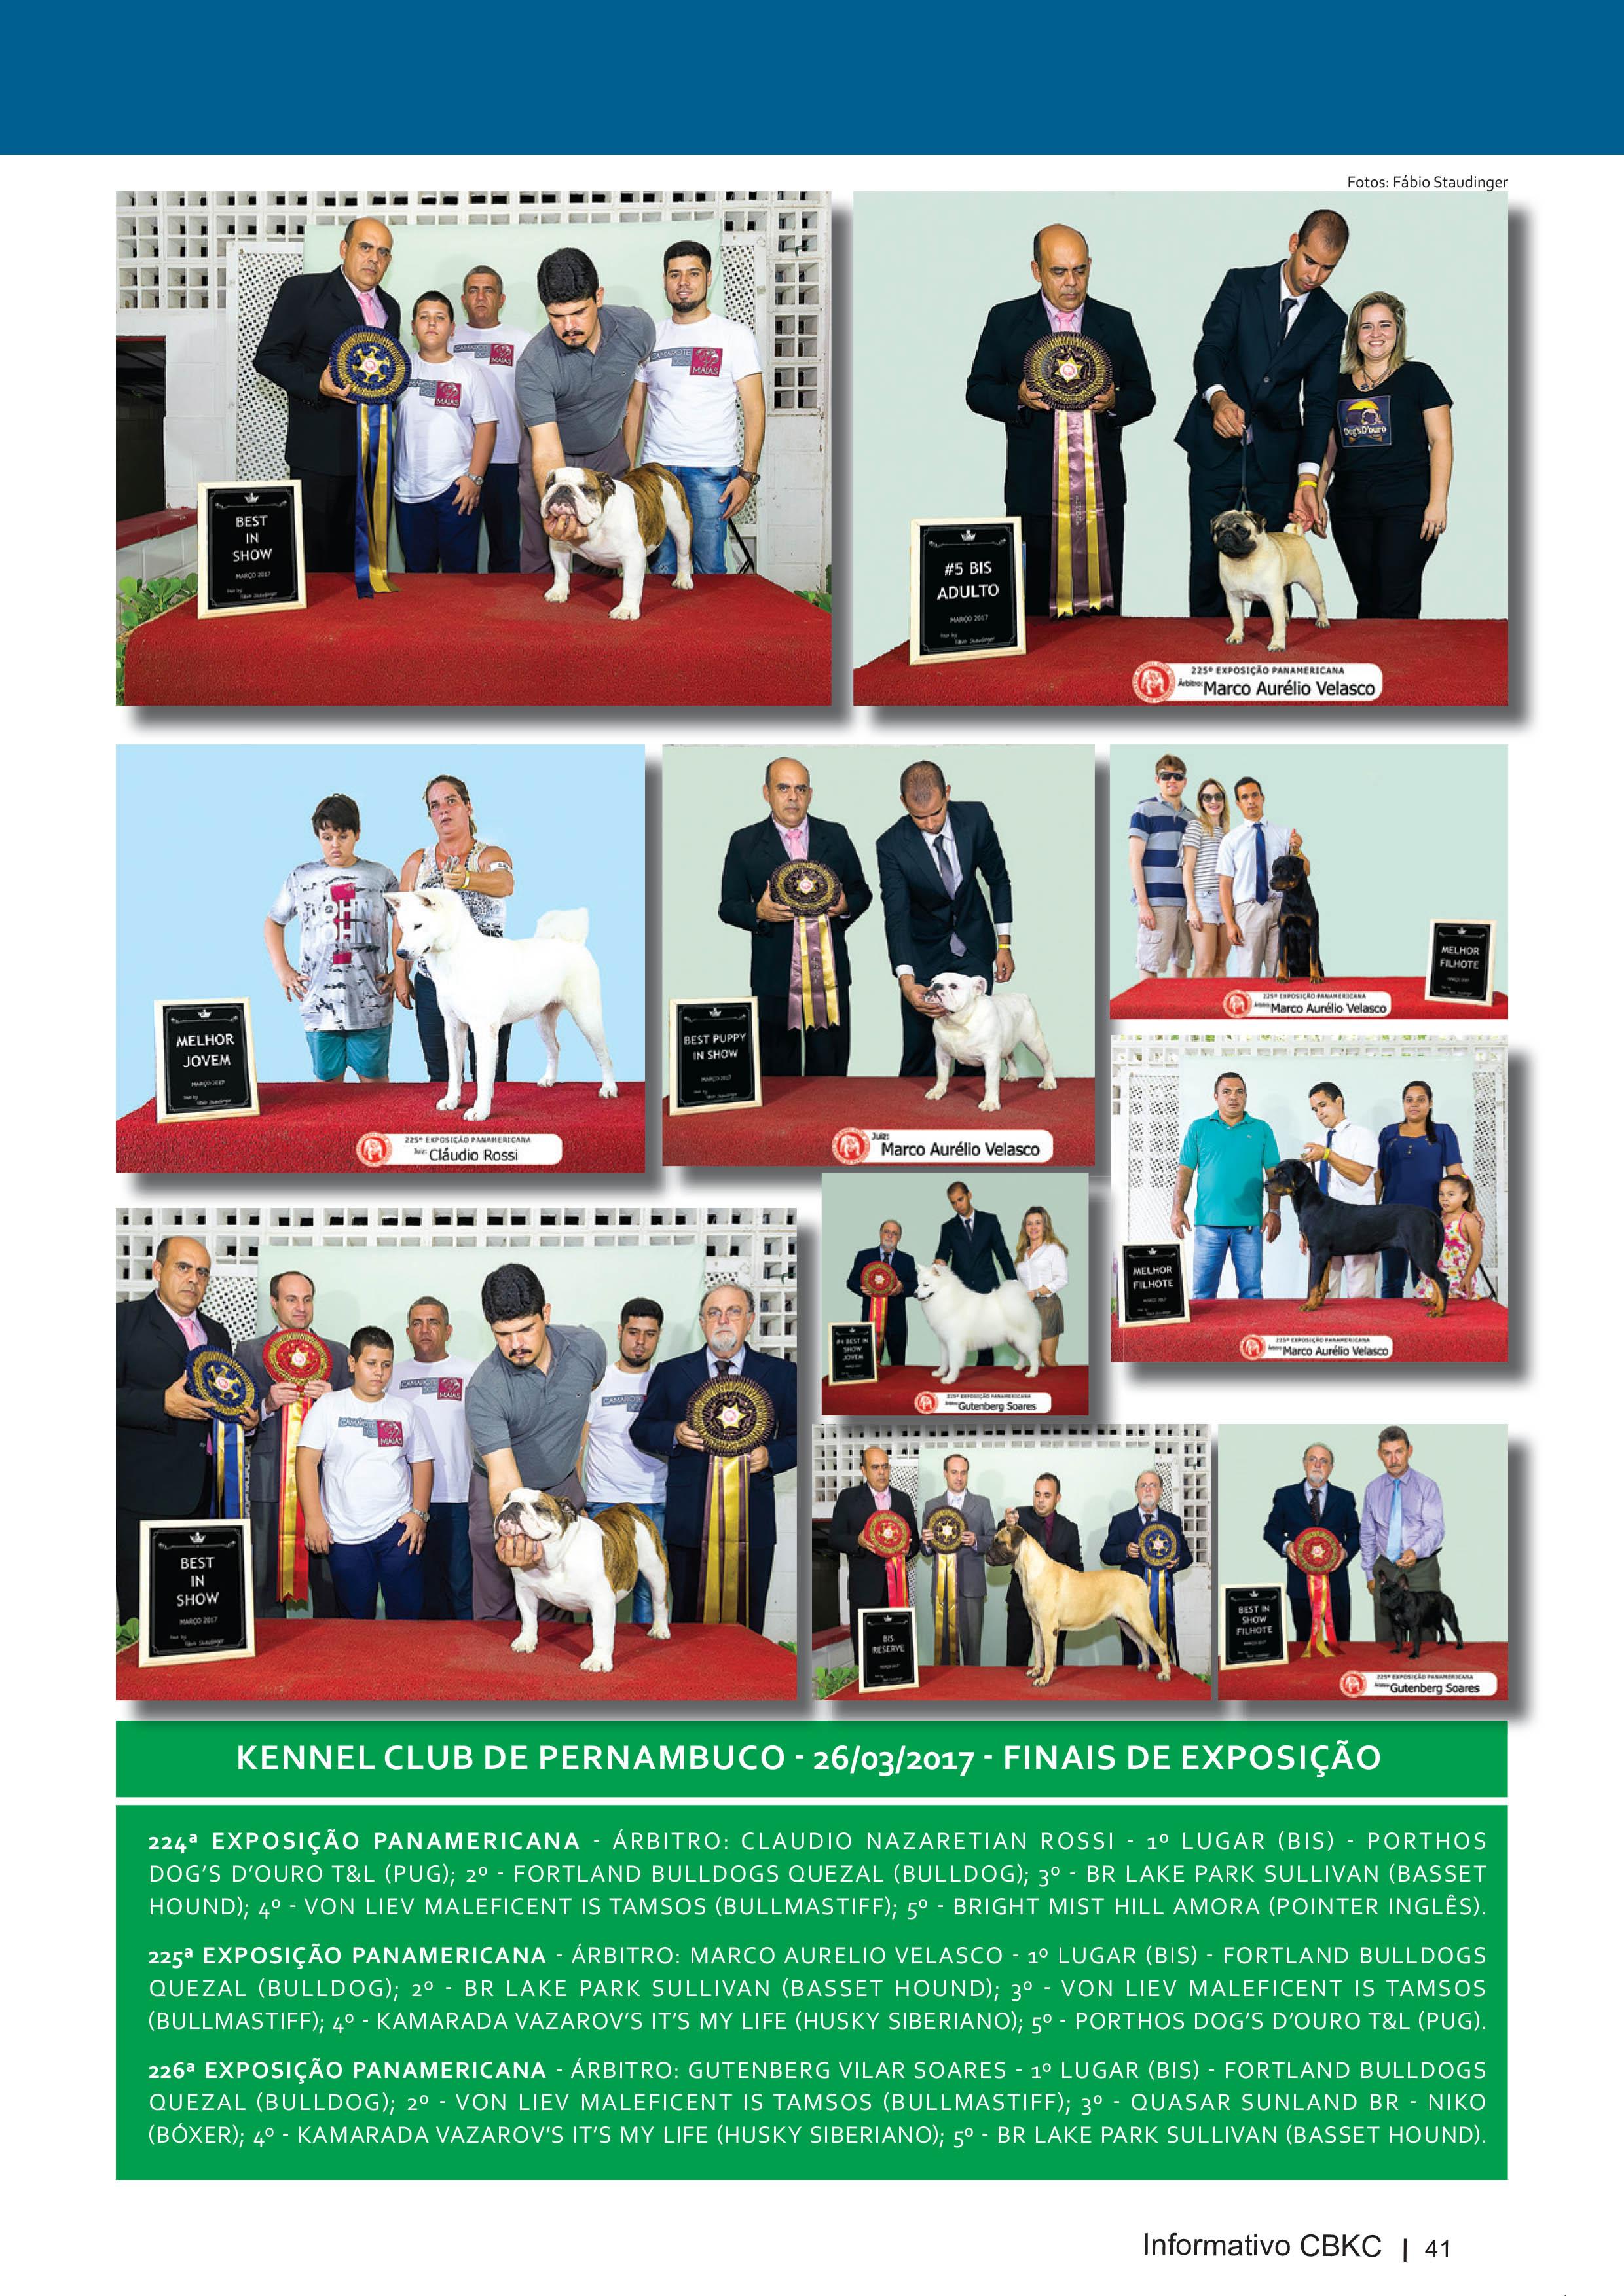 Pagina 41| Edição 54 do Informativo CBKC